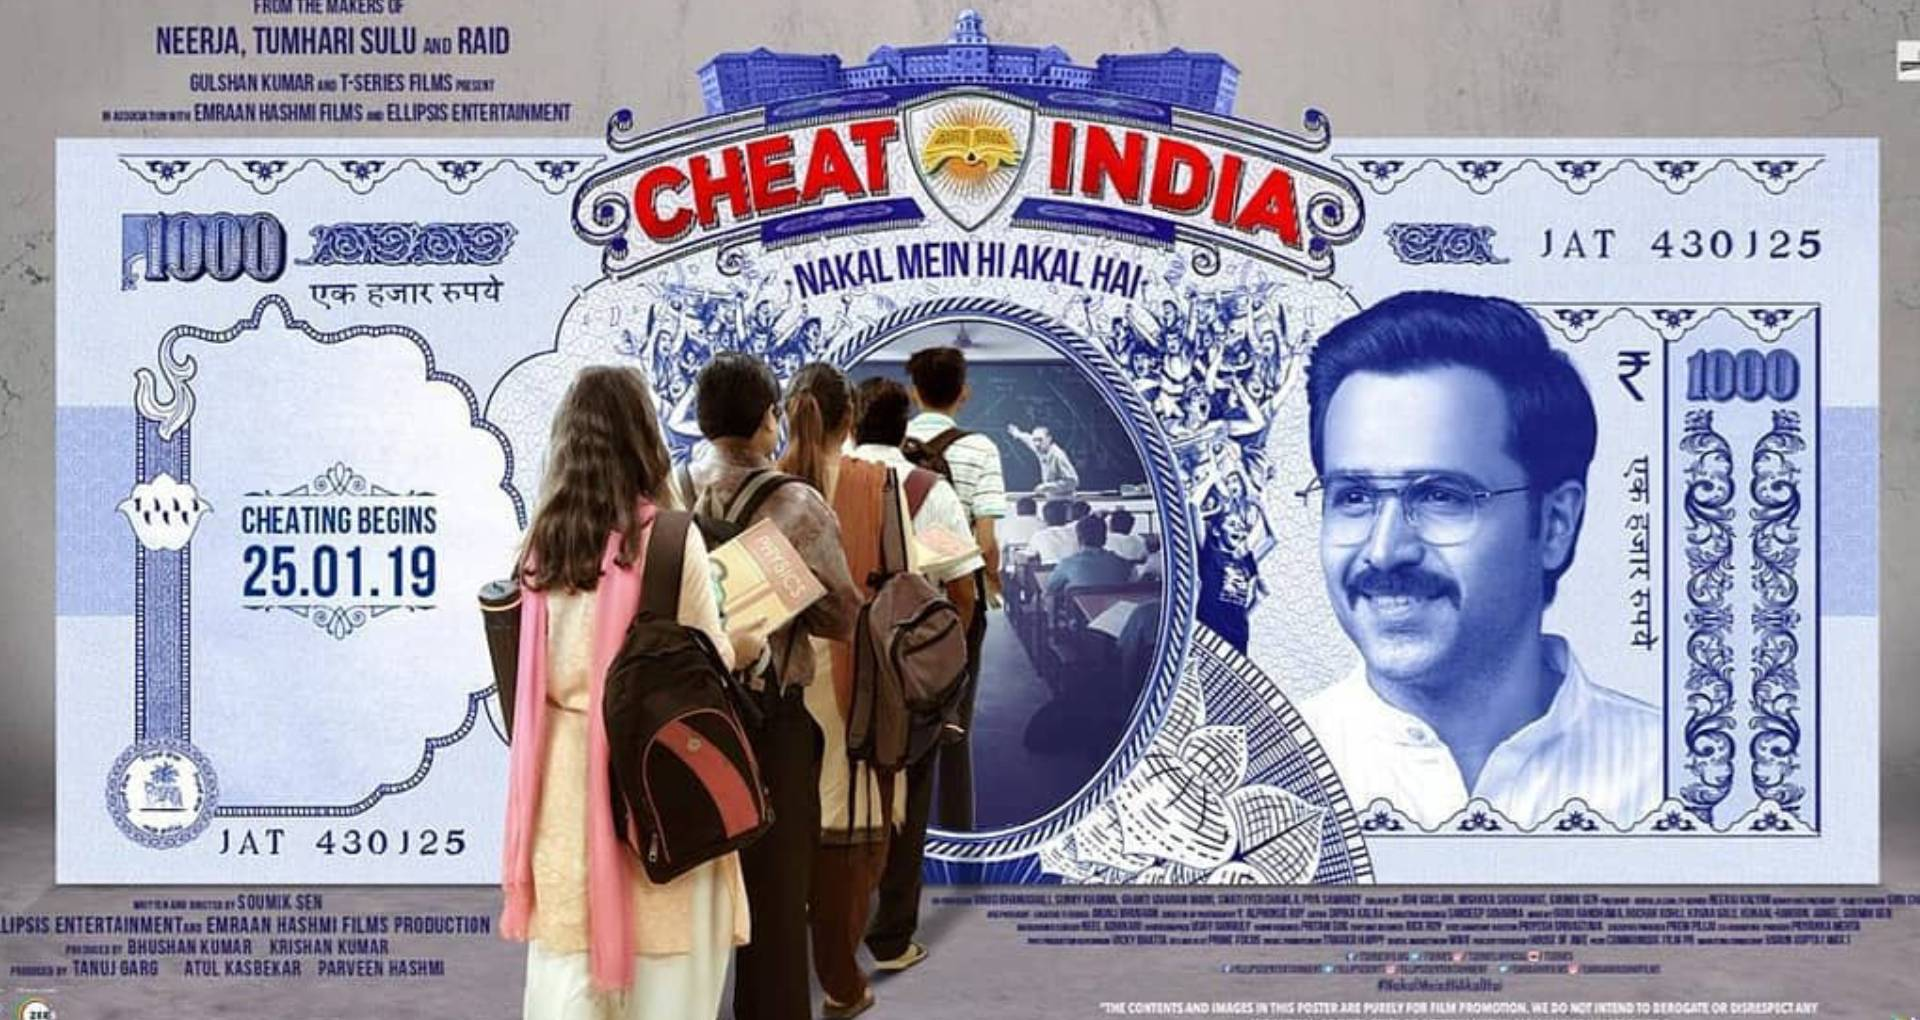 इमरान हाशमी इस वजह से टैक्स फ्री करवाना चाहते हैं अपनी फिल्म चीट इंडिया, सरकार को लिखी चिट्ठी